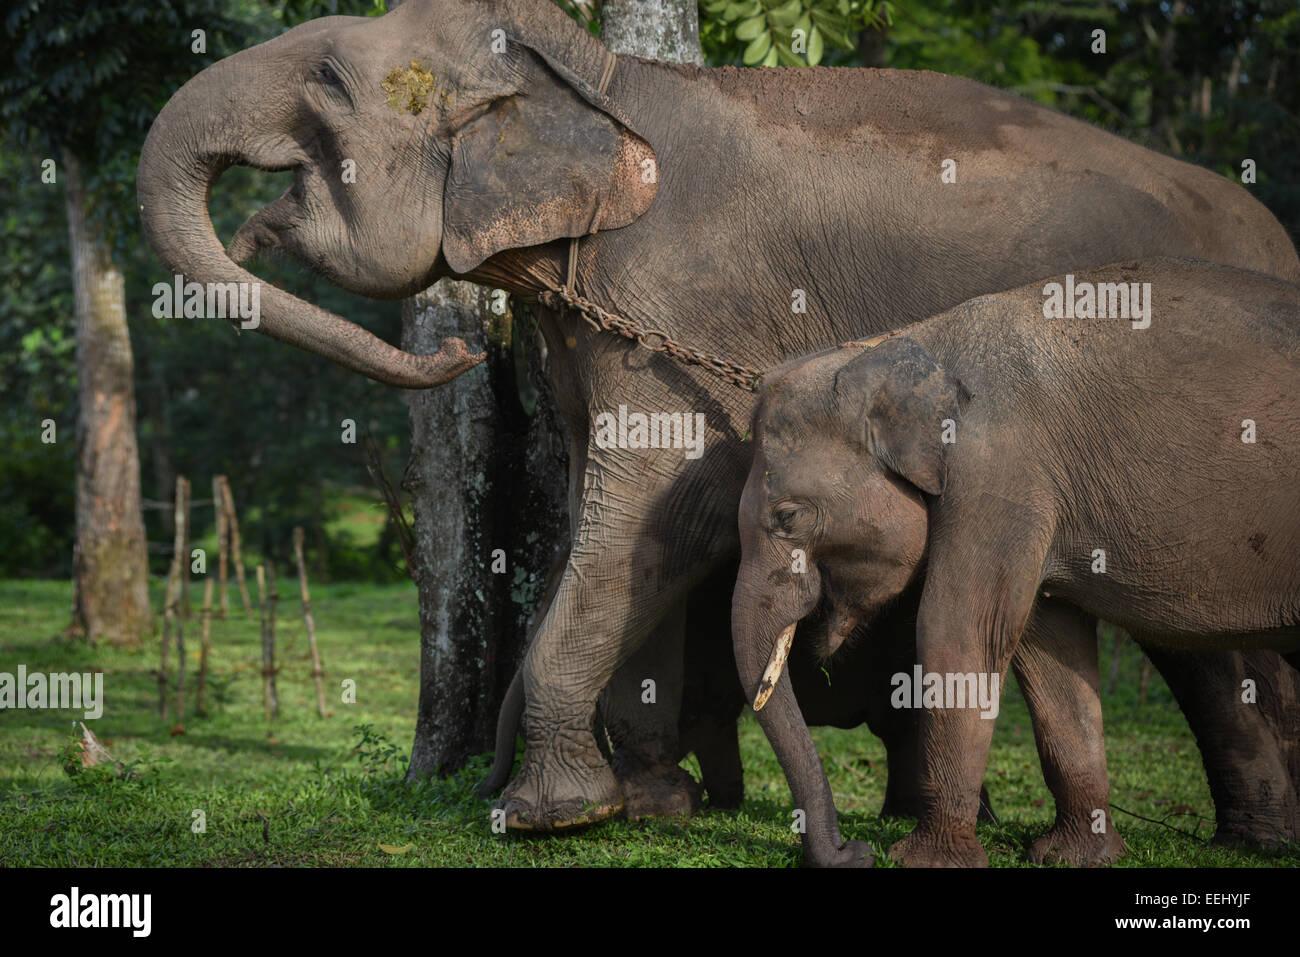 Juvenil y adulta de los elefantes en el Parque Nacional Way Kambas, Indonesia. Imagen De Stock